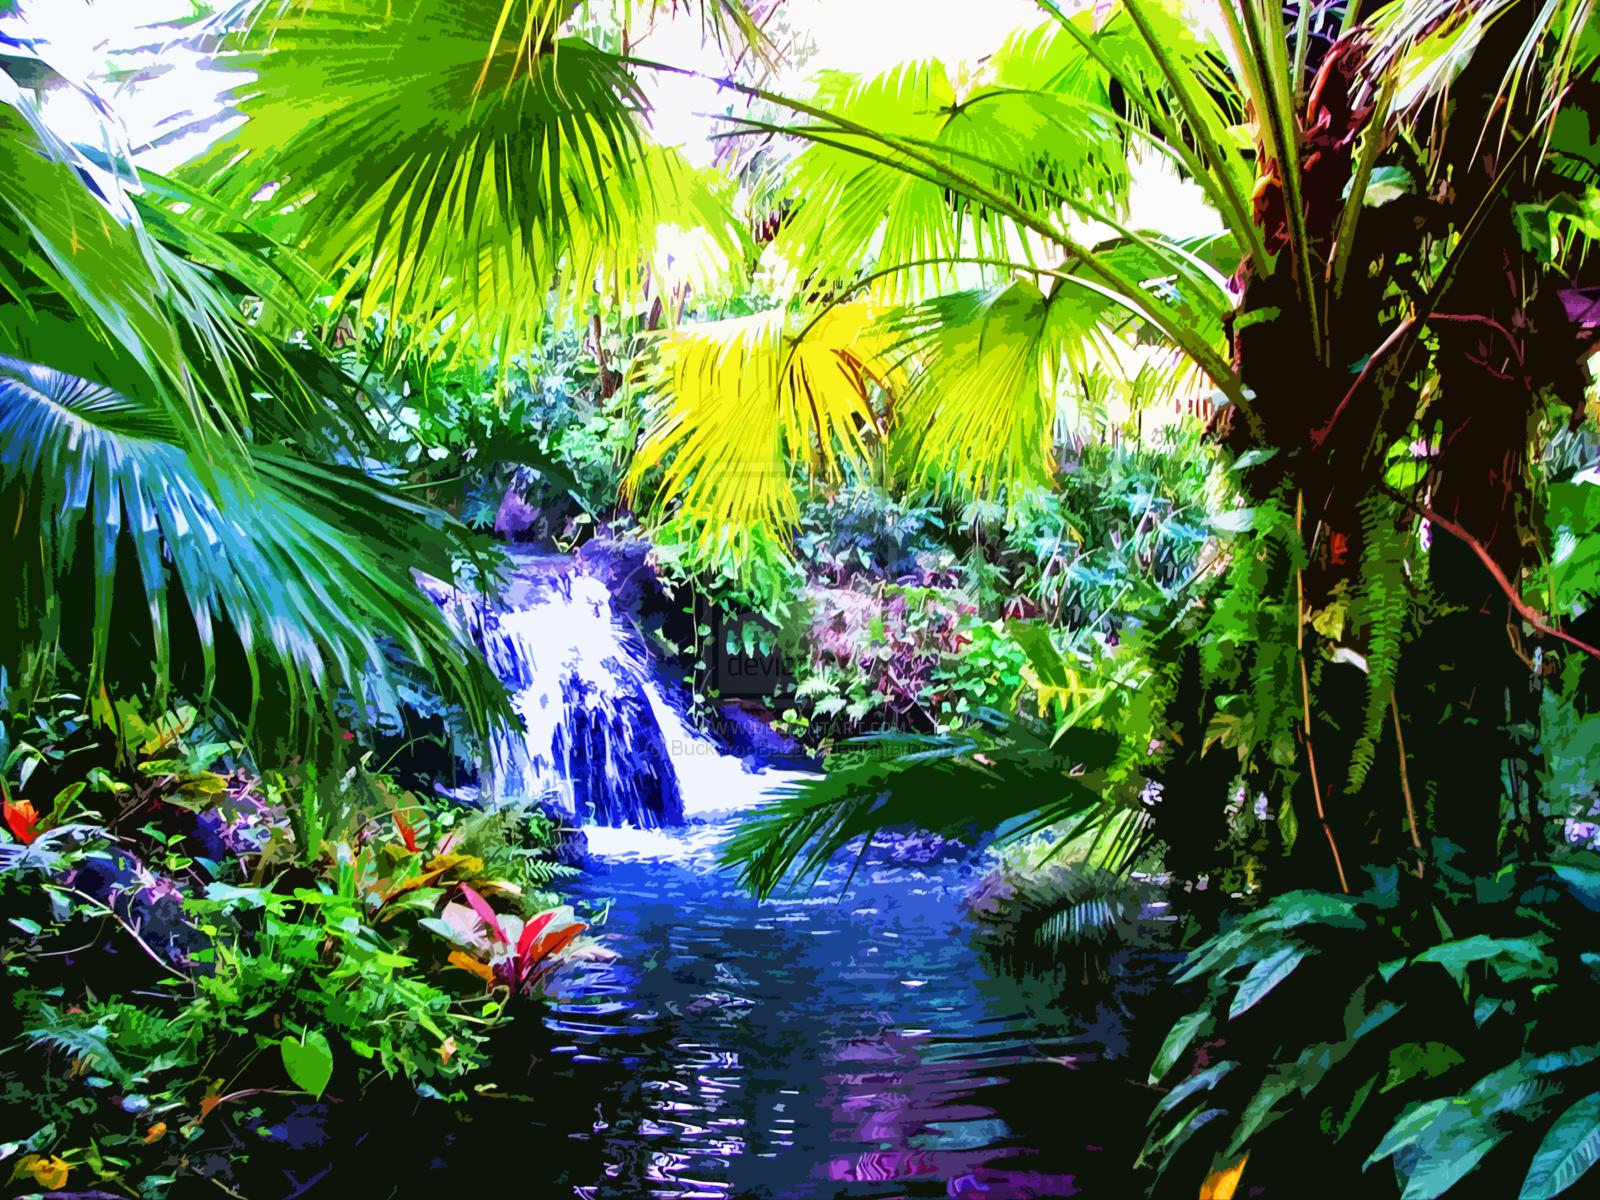 Rainbow Tropical Rainforest Waterfalls High Re Wallpaper ...